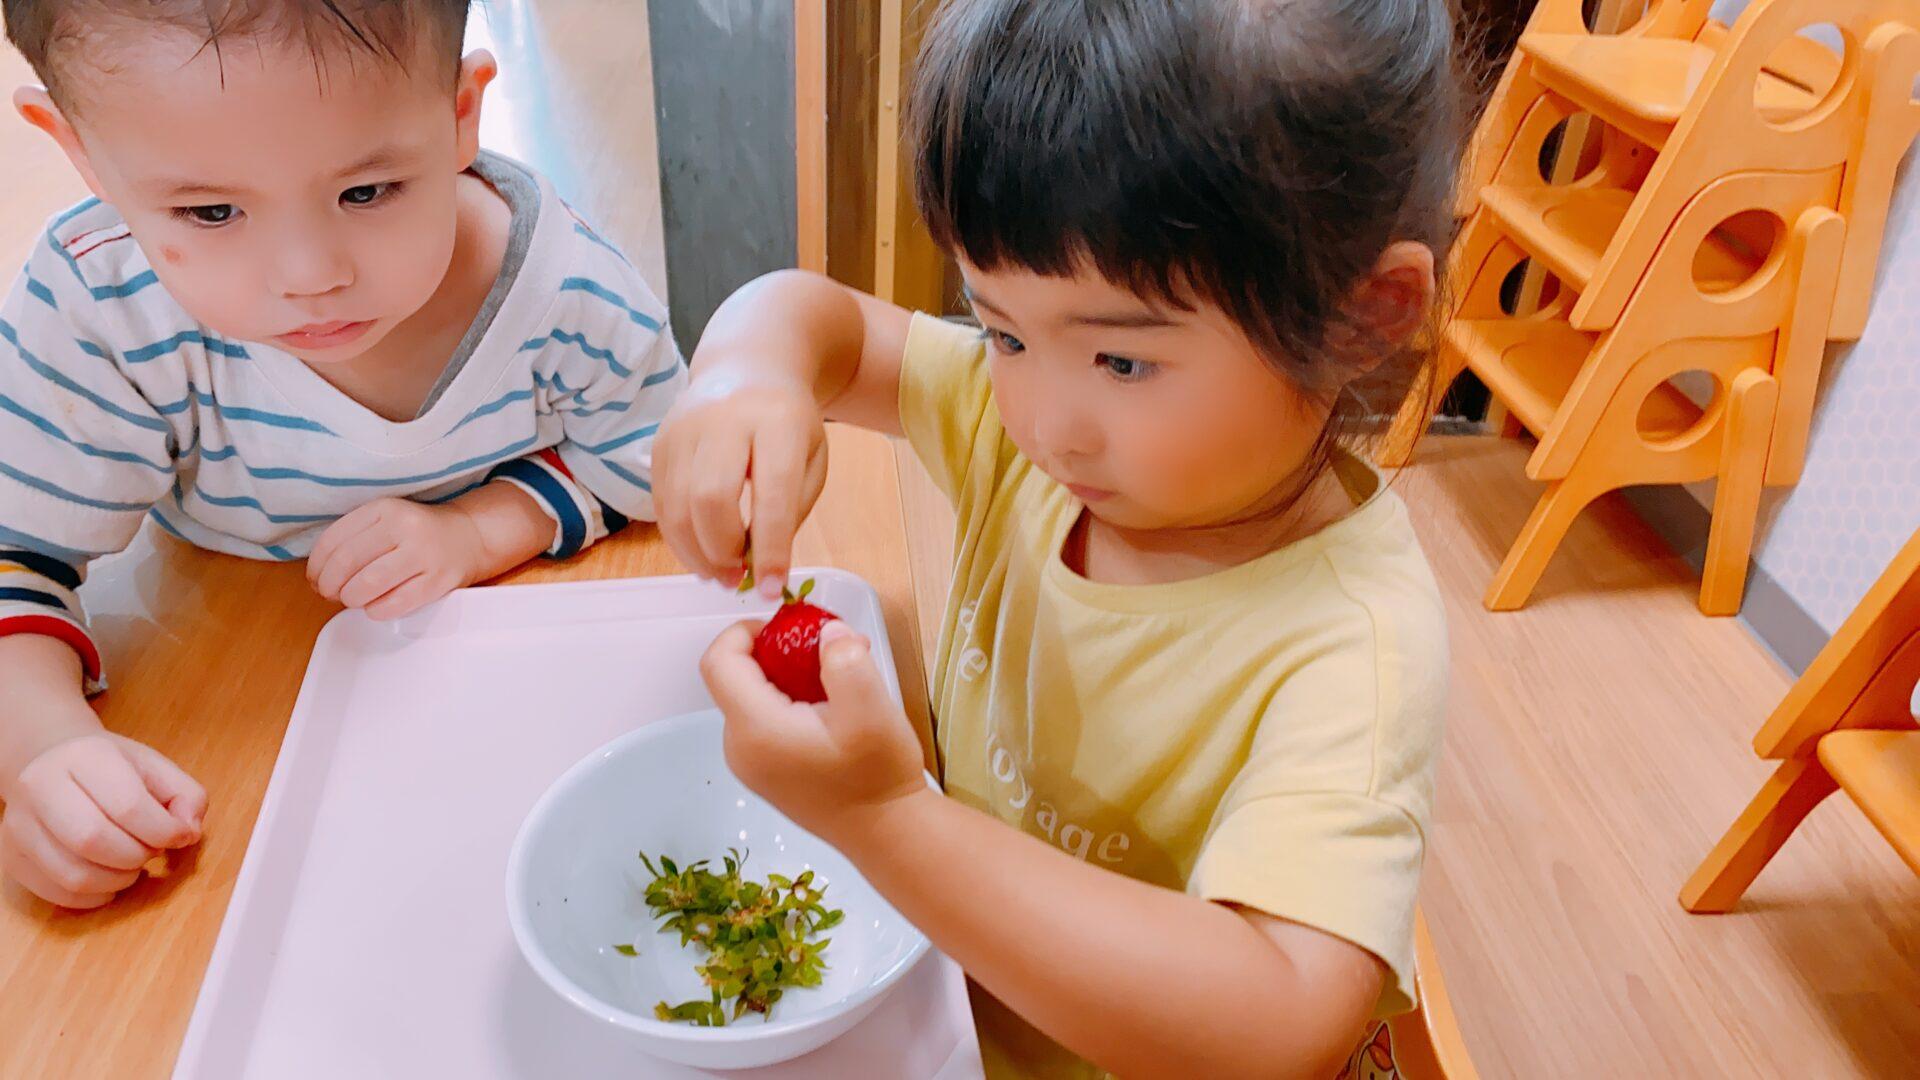 えんどう豆の皮むきといちごジャム作り|大阪・上本町の保育園レオラ